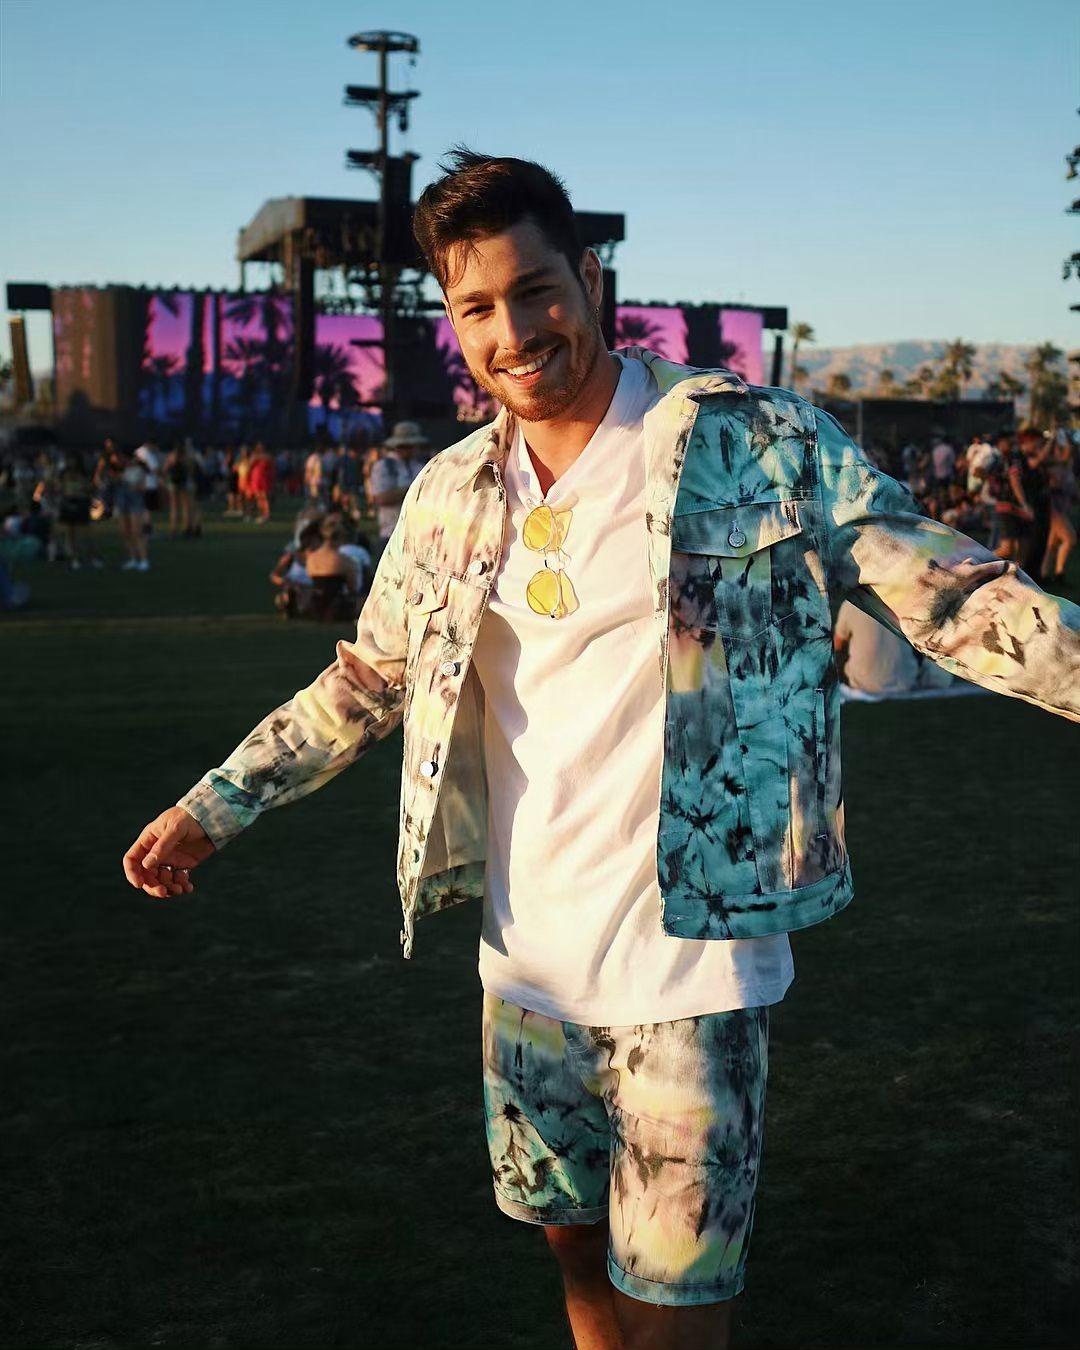 Luca Vezil al Coachella, ecco il suo outfit